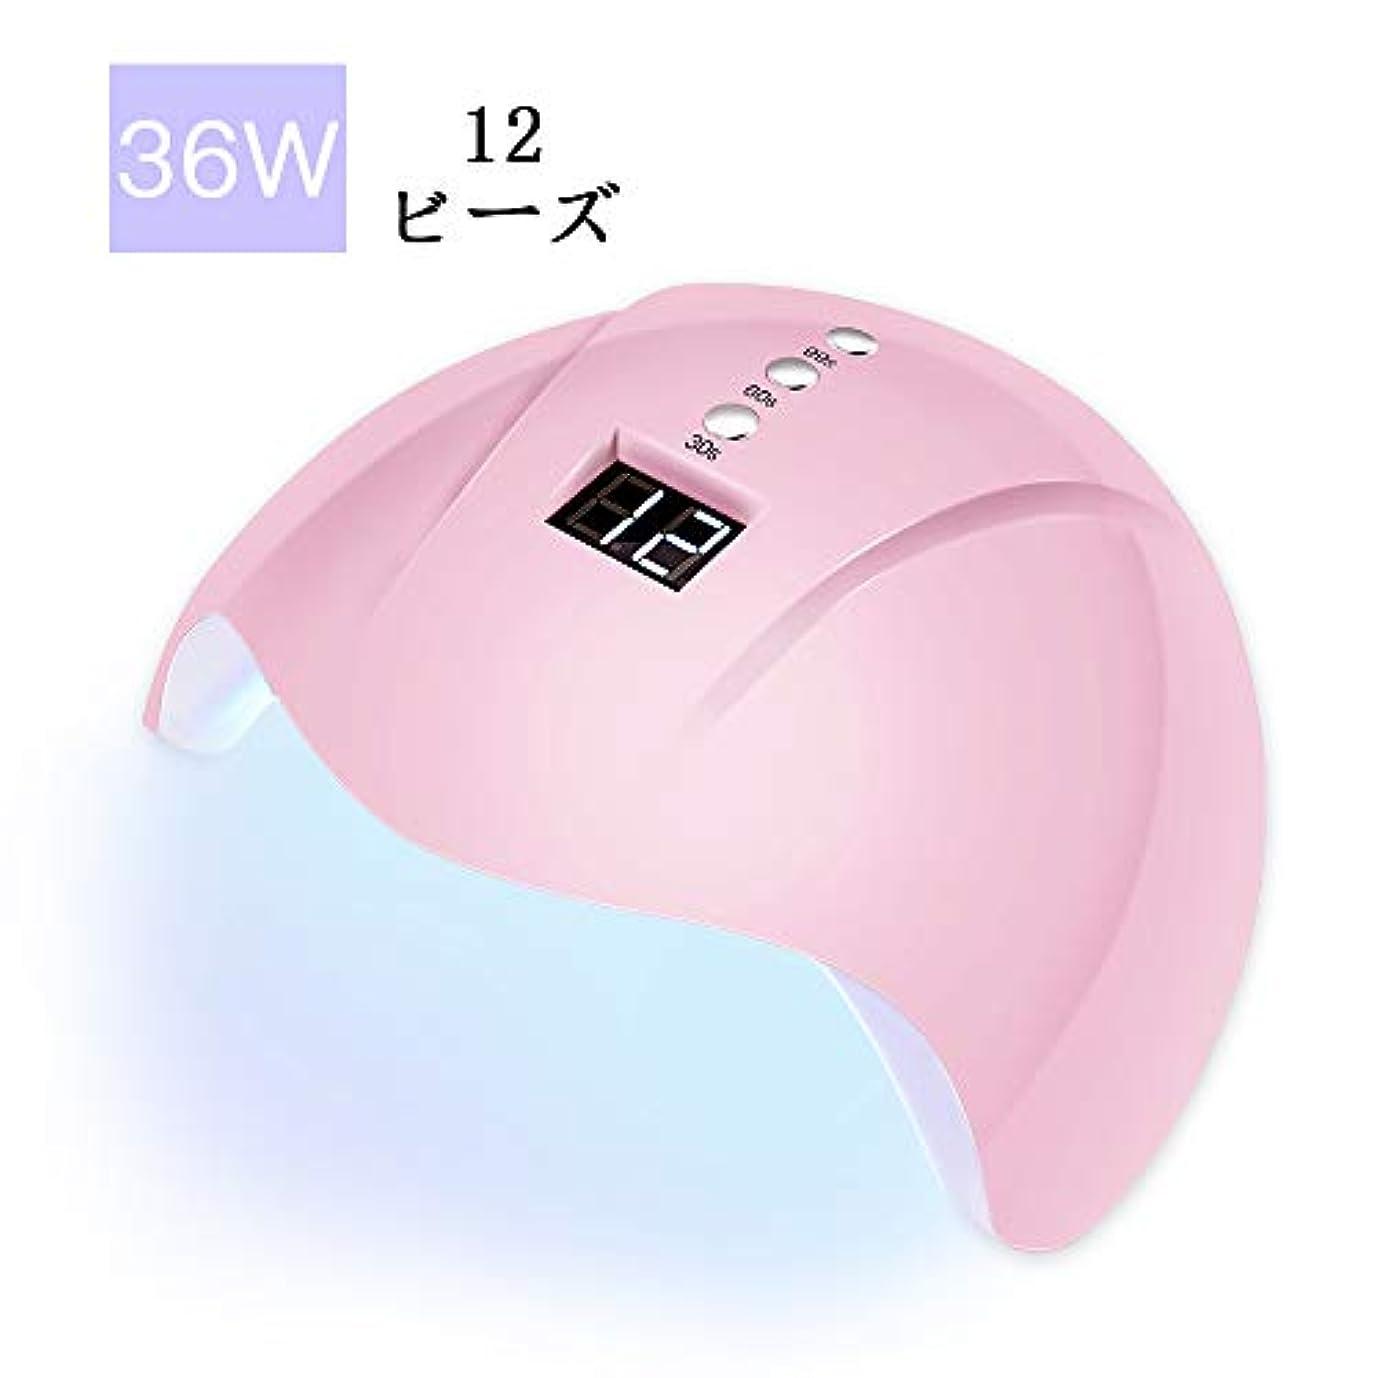 甘い百科事典カカドゥWEVILI 2019最新版 UV LED ジェルネイル ライト ネイルドライヤー 全ジェル対応 自動センサー 3段階タイマー設定 12LED 高速硬化